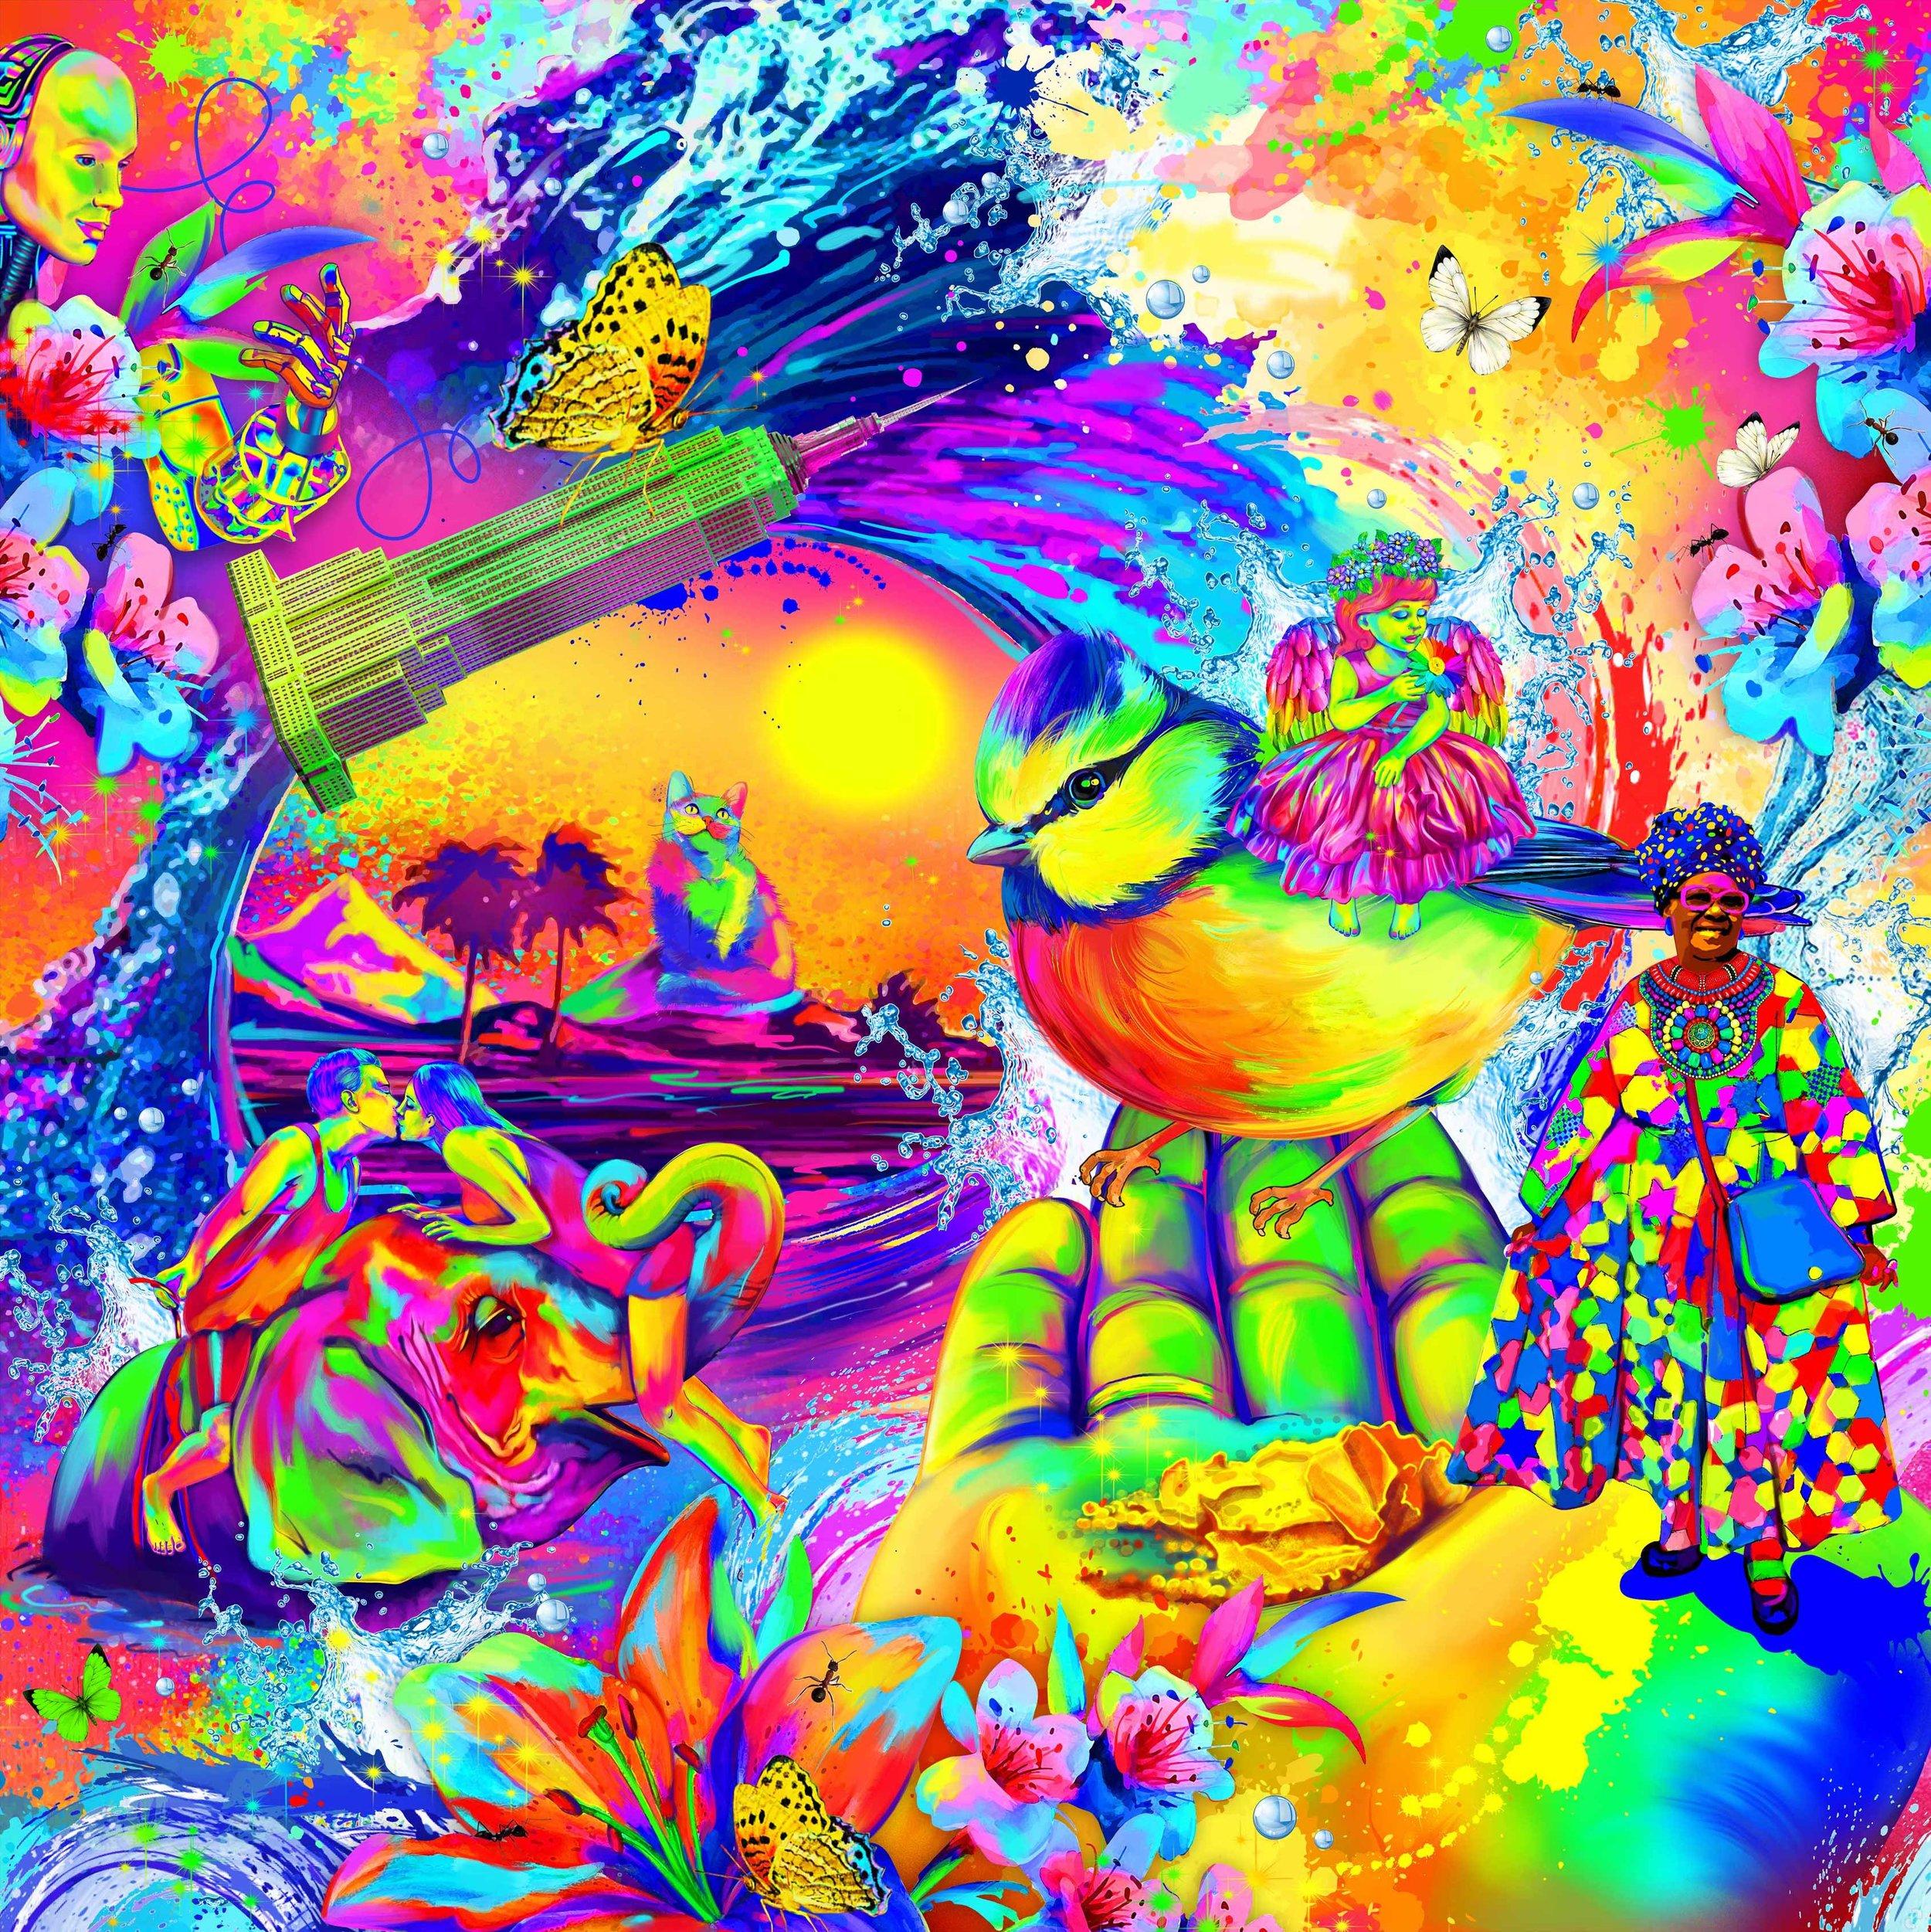 Говоря о картине в целом, стоит поменять оттенки цветов, сделать их еще чуть кислотнее, где-то доработать детализацию (по каждому из элементов отдельно) и убрать обилие цветов. Также исключить повторы (бабочки) и муравьи.